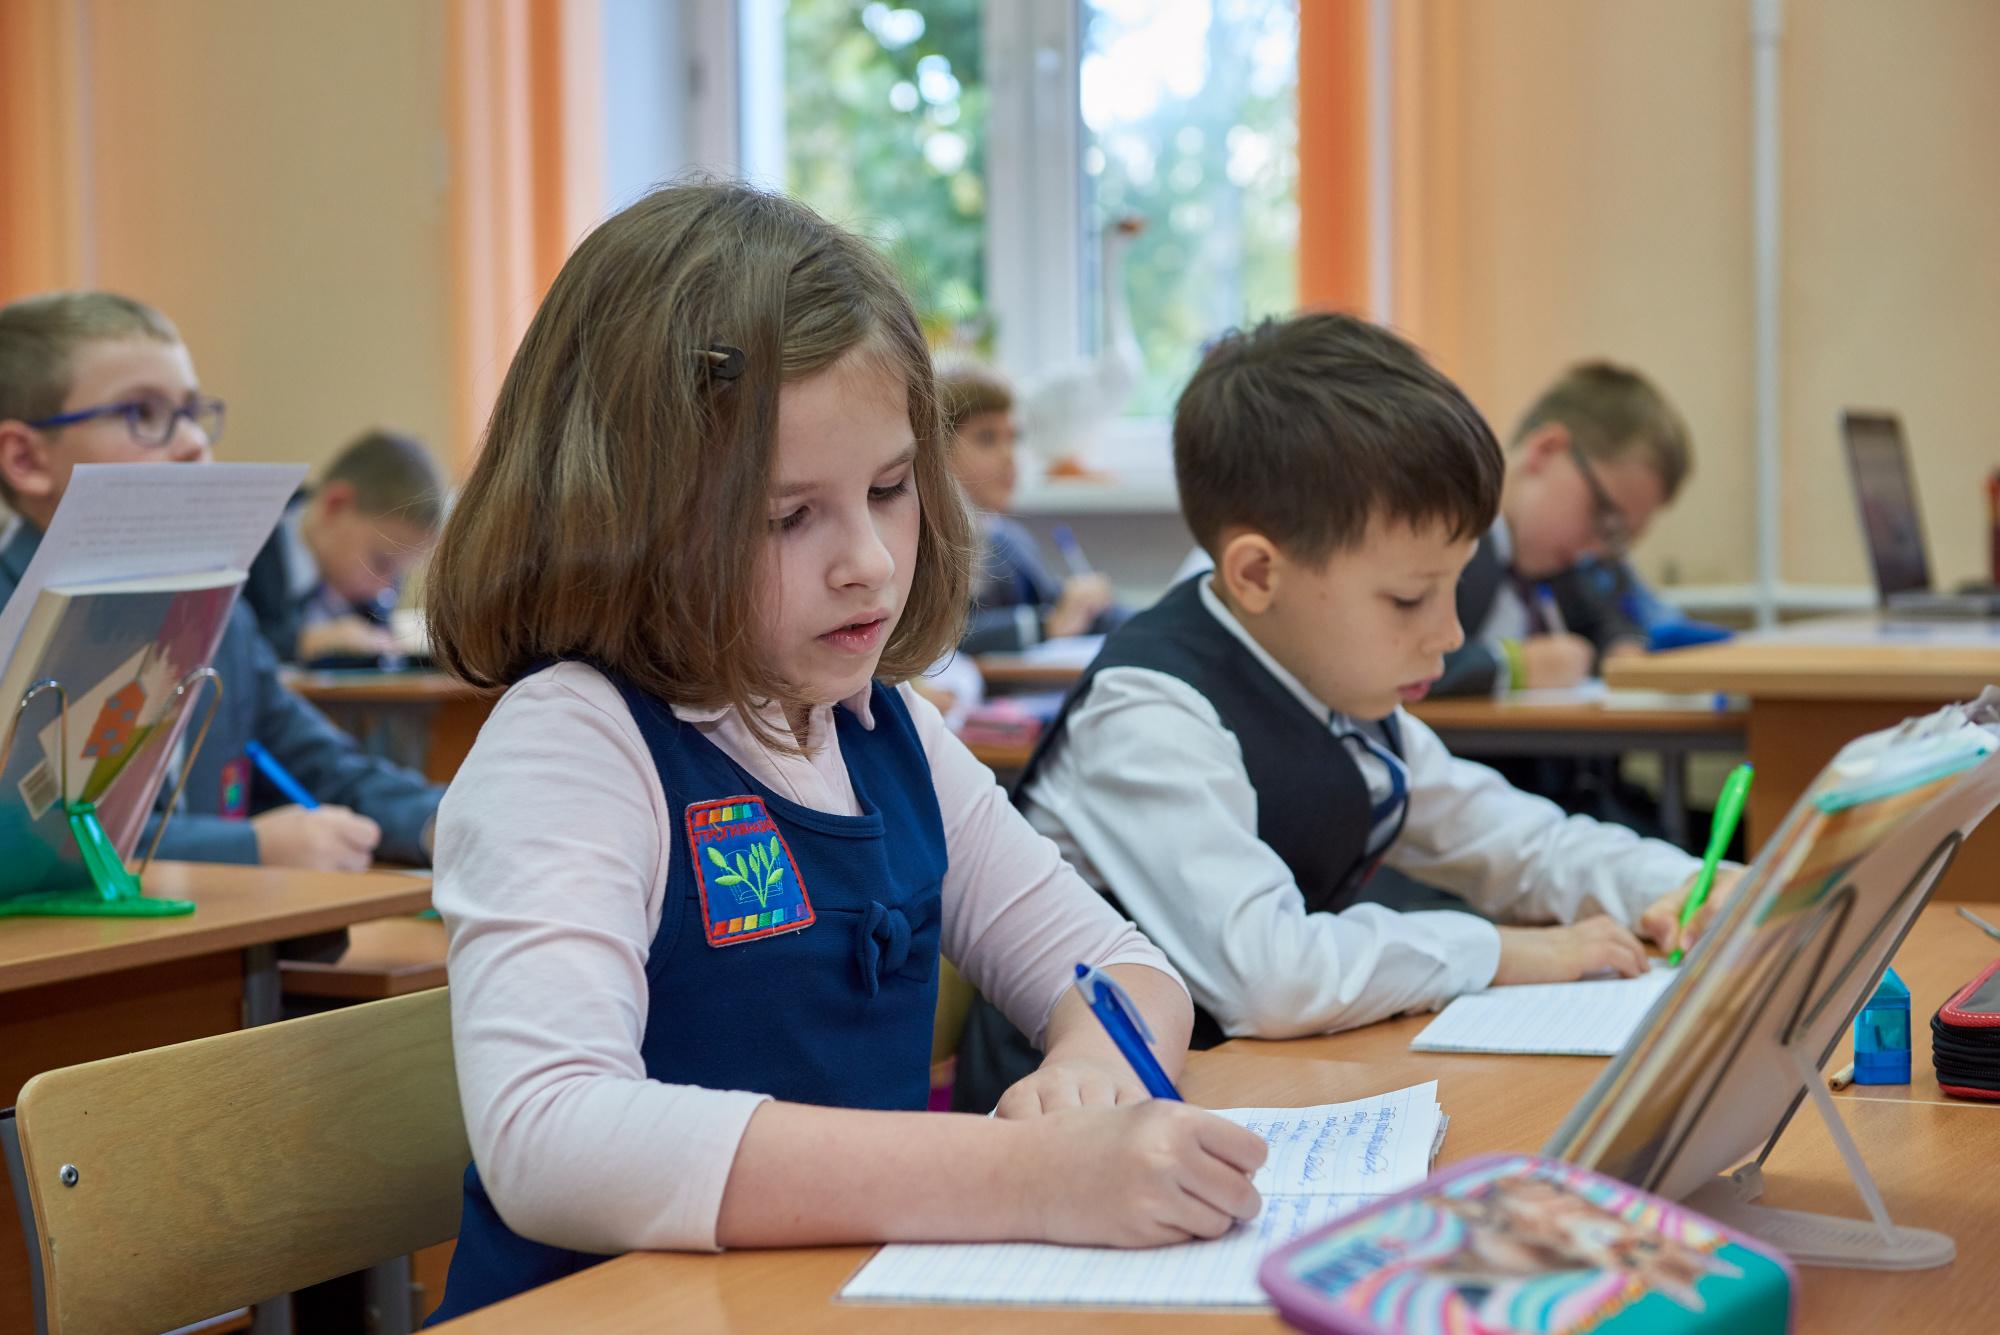 Президент РФ В. В. Путин подписал закон о частичном освобождении детских садов и школ от разр